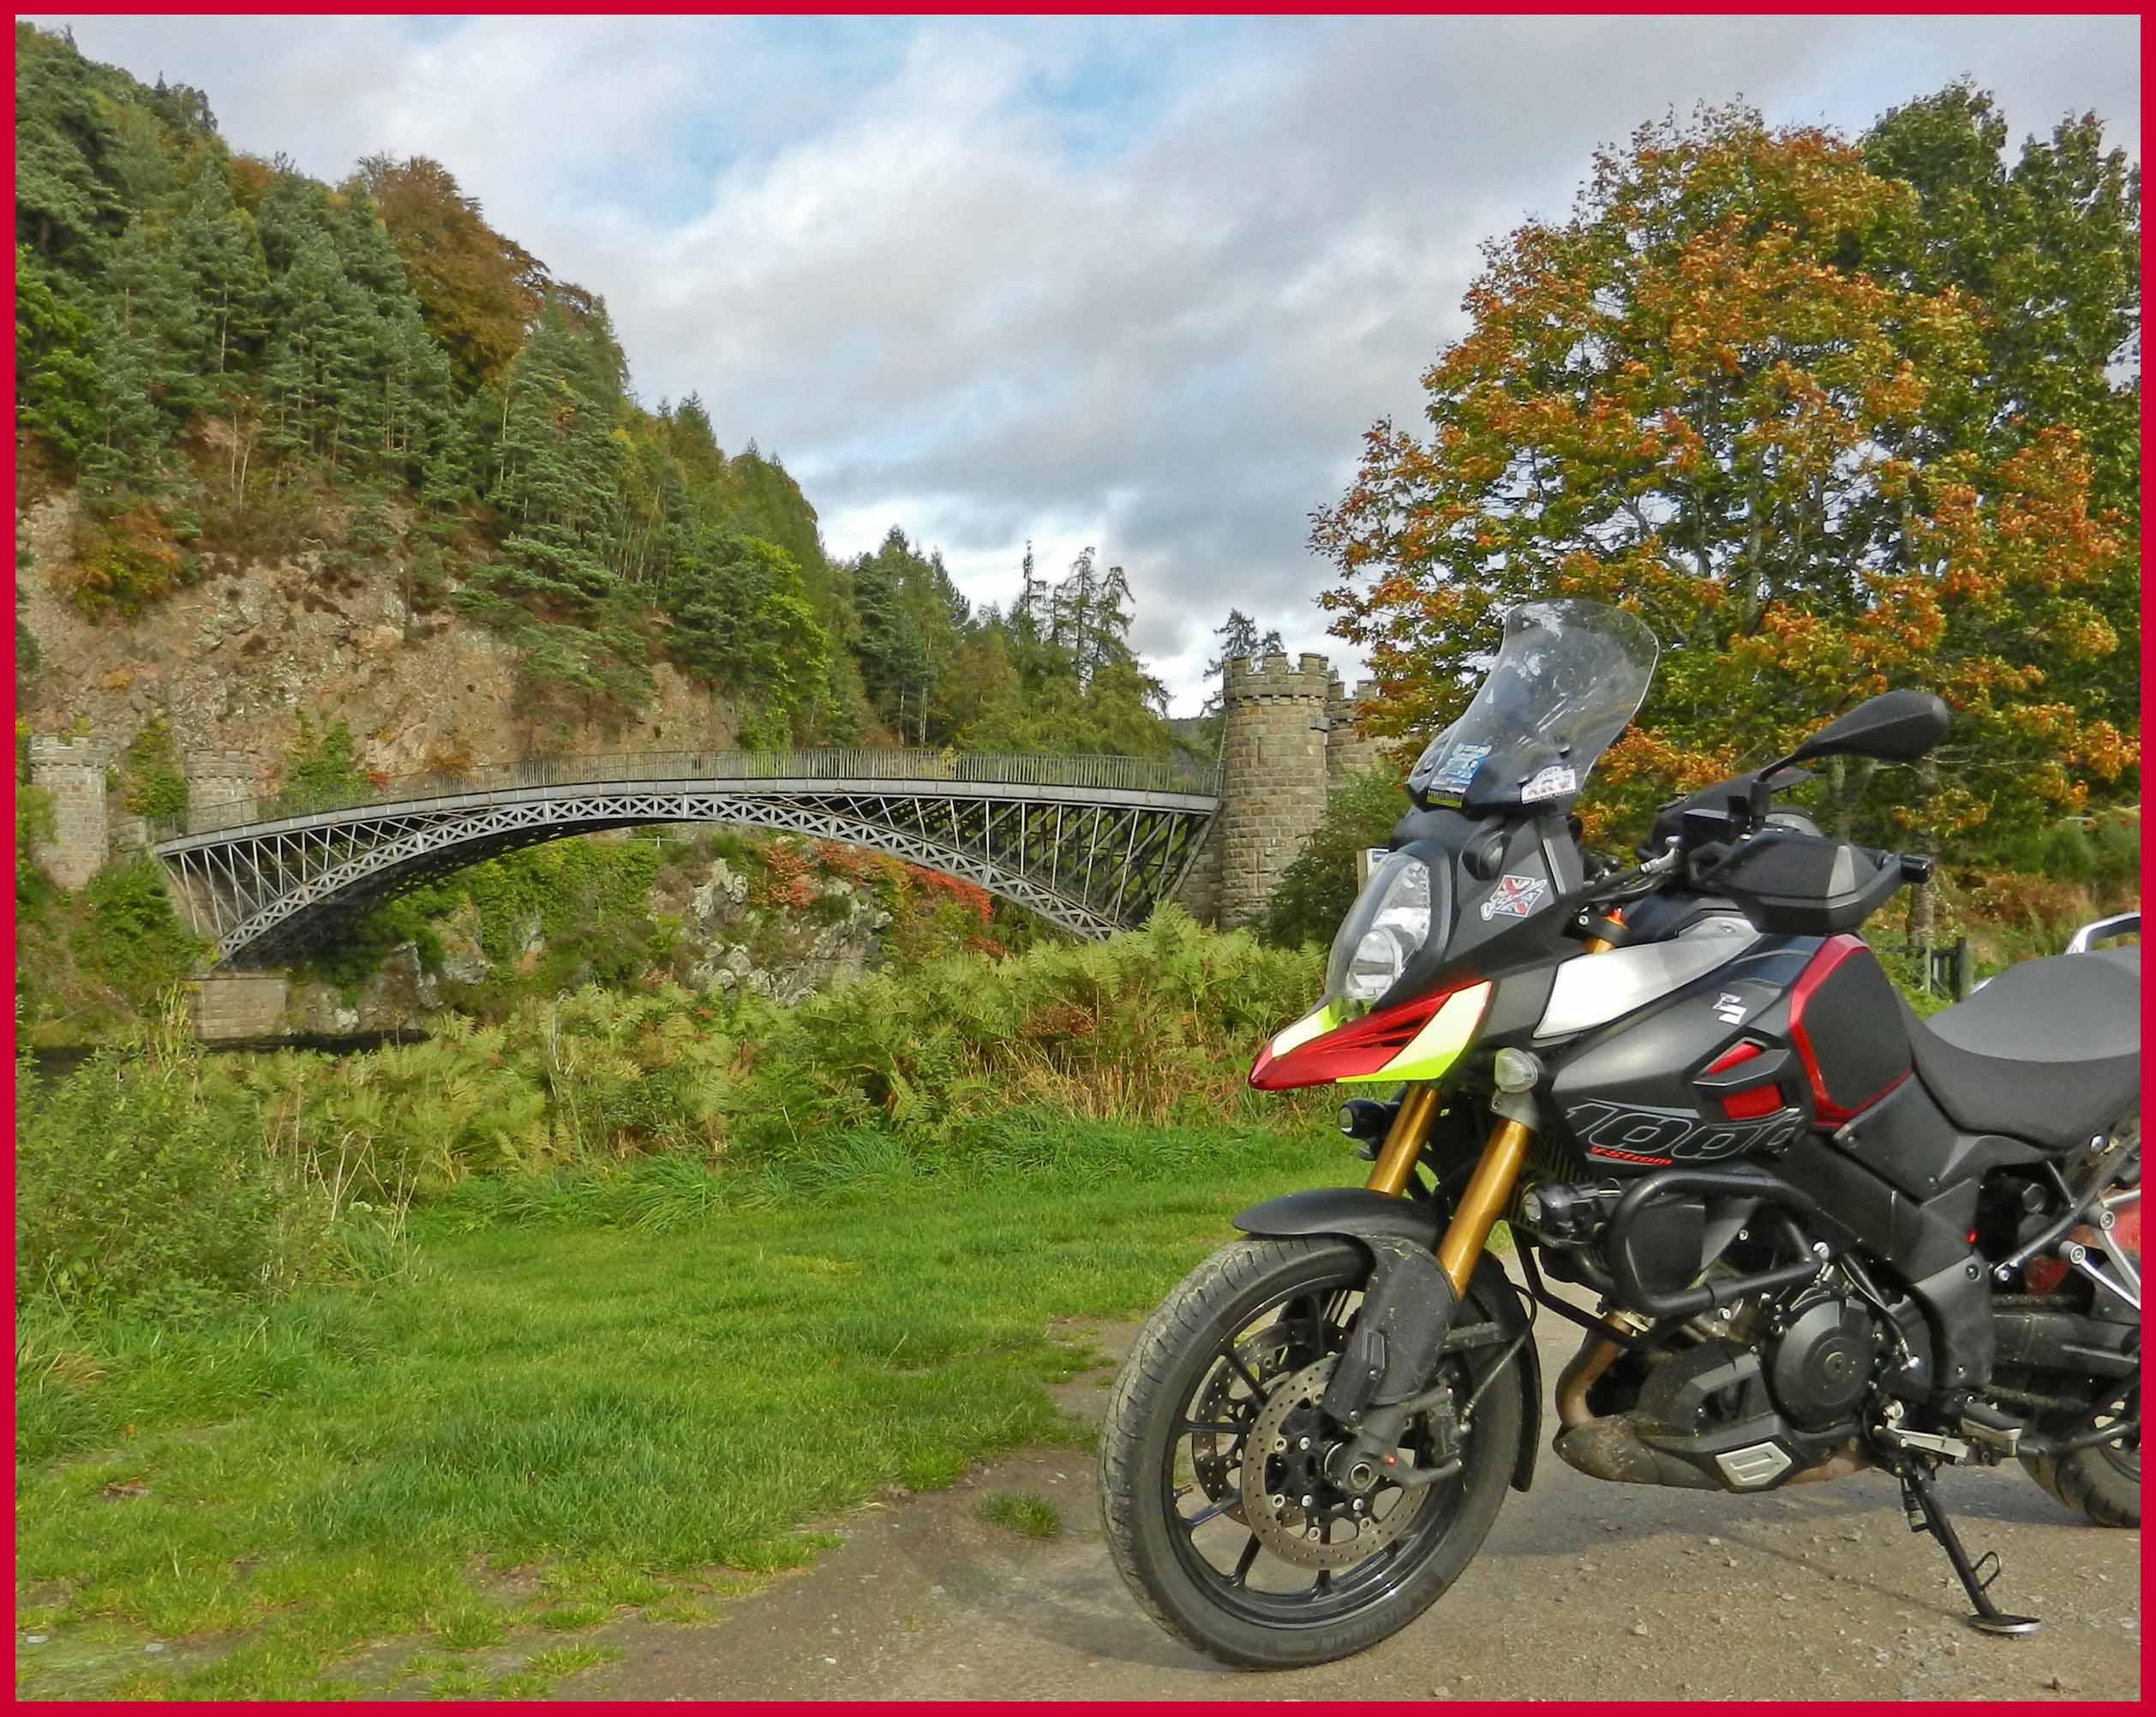 Telford Bridge Craigallachie-111019-1.jpg